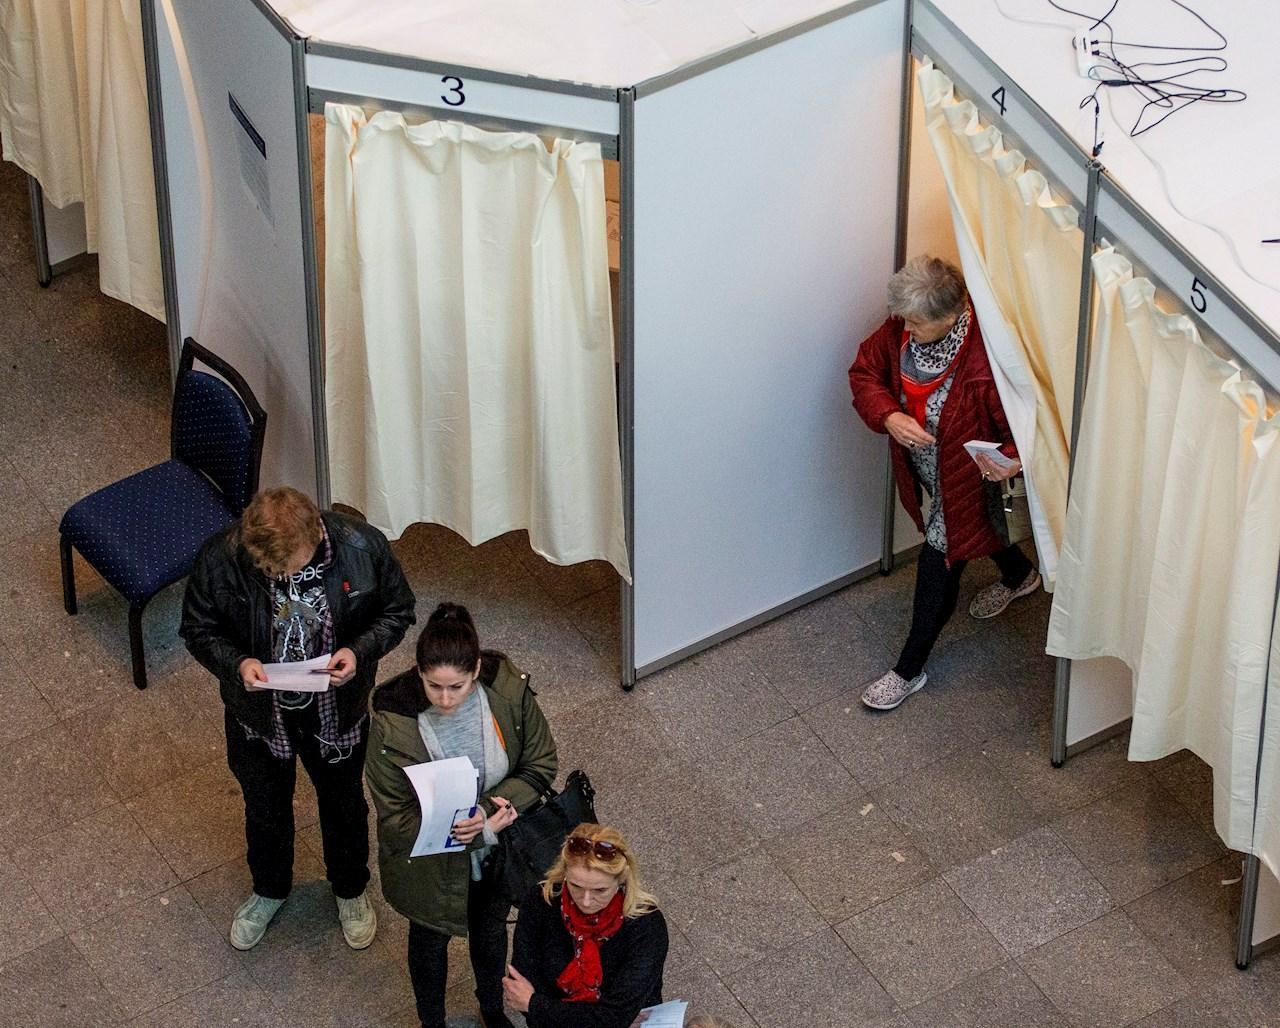 Un recuento quita a las mujeres la mayoría en el Parlamento de Islandia